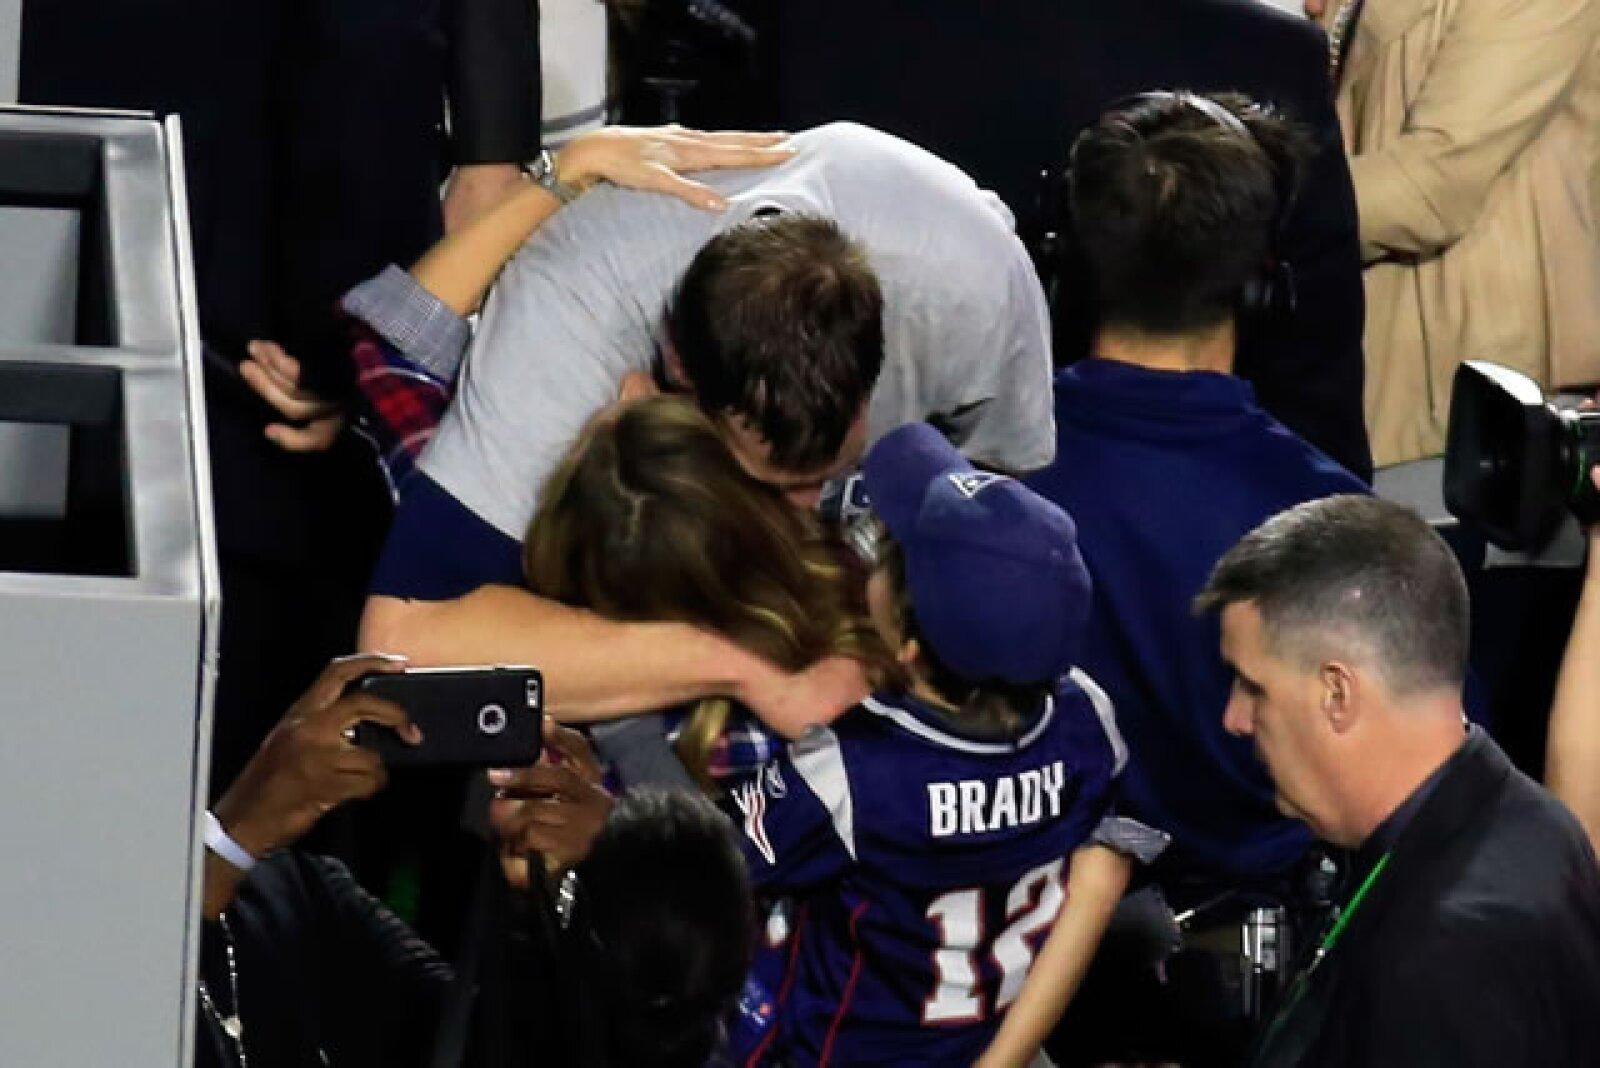 La familia regaló a los medios uno de los momentos más tiernos de la noche.